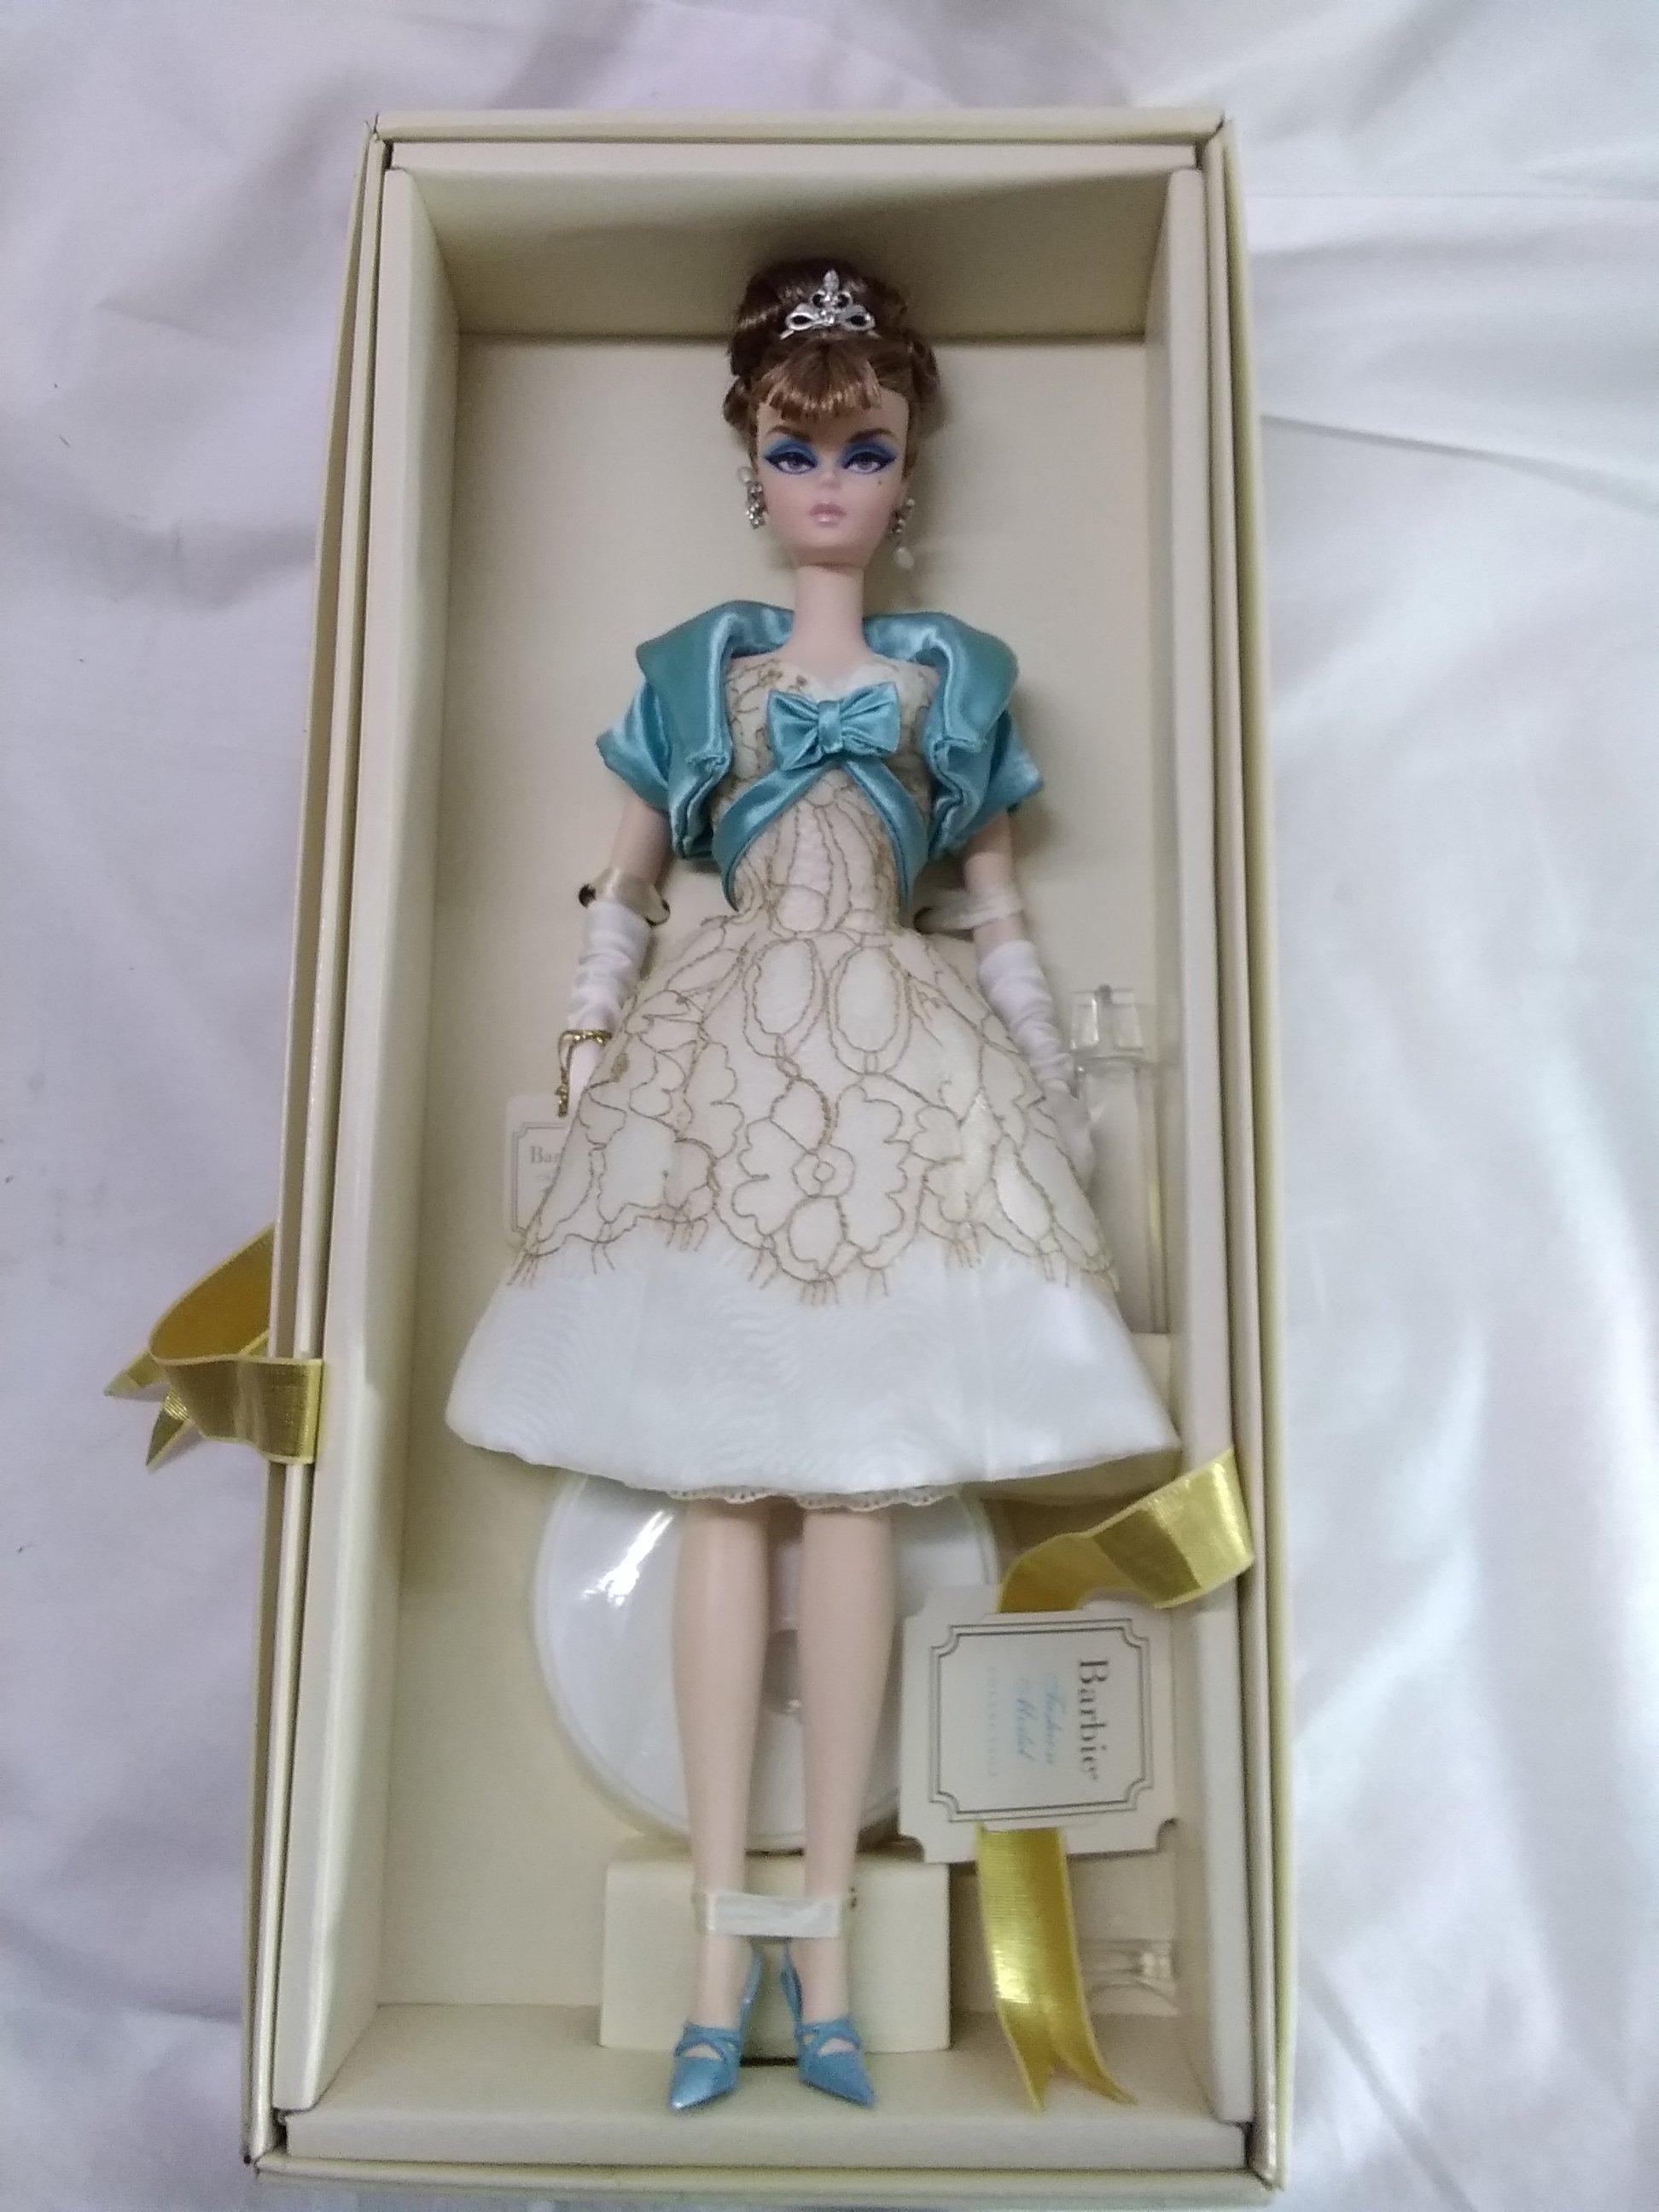 バービー人形 マテル社